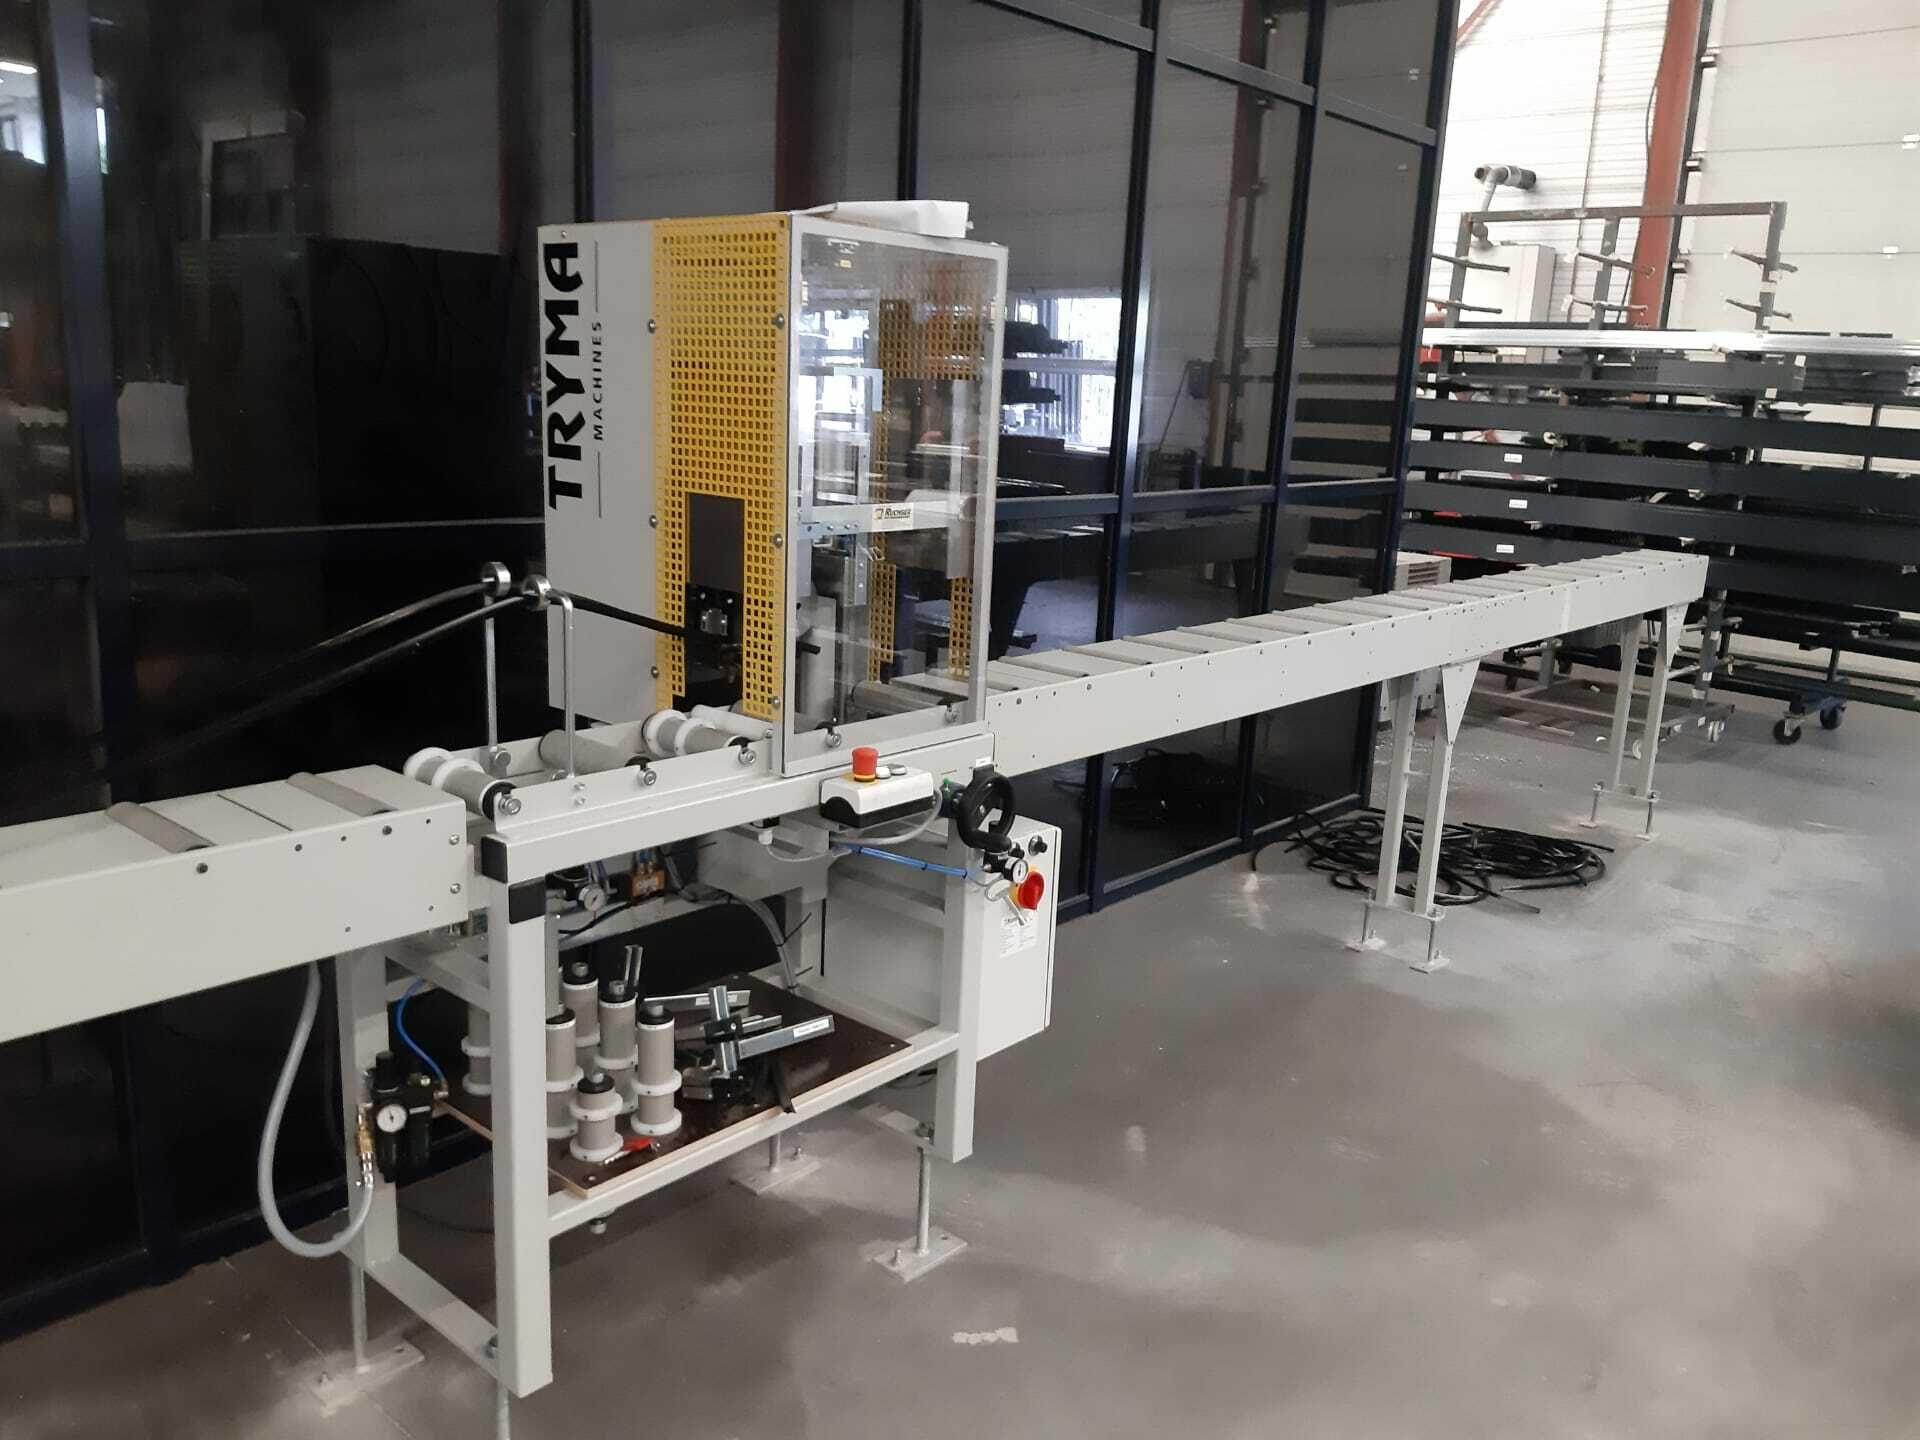 Inrolmachine voor dichtingen bij Haro Aluminium